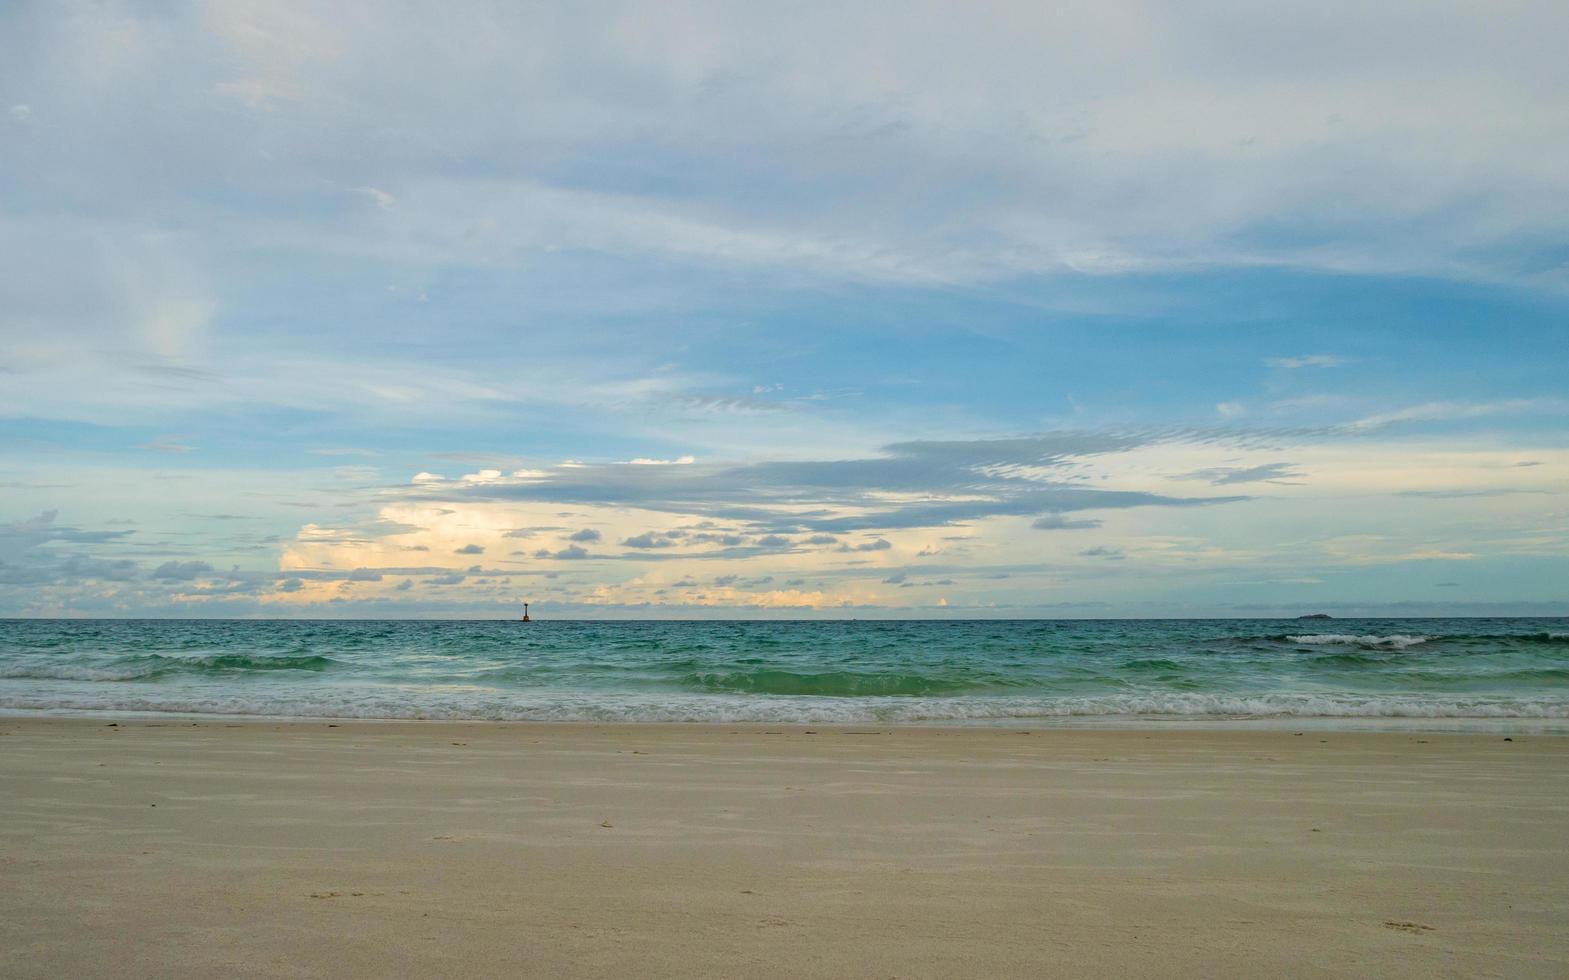 vue paysage de plage tropicale photo